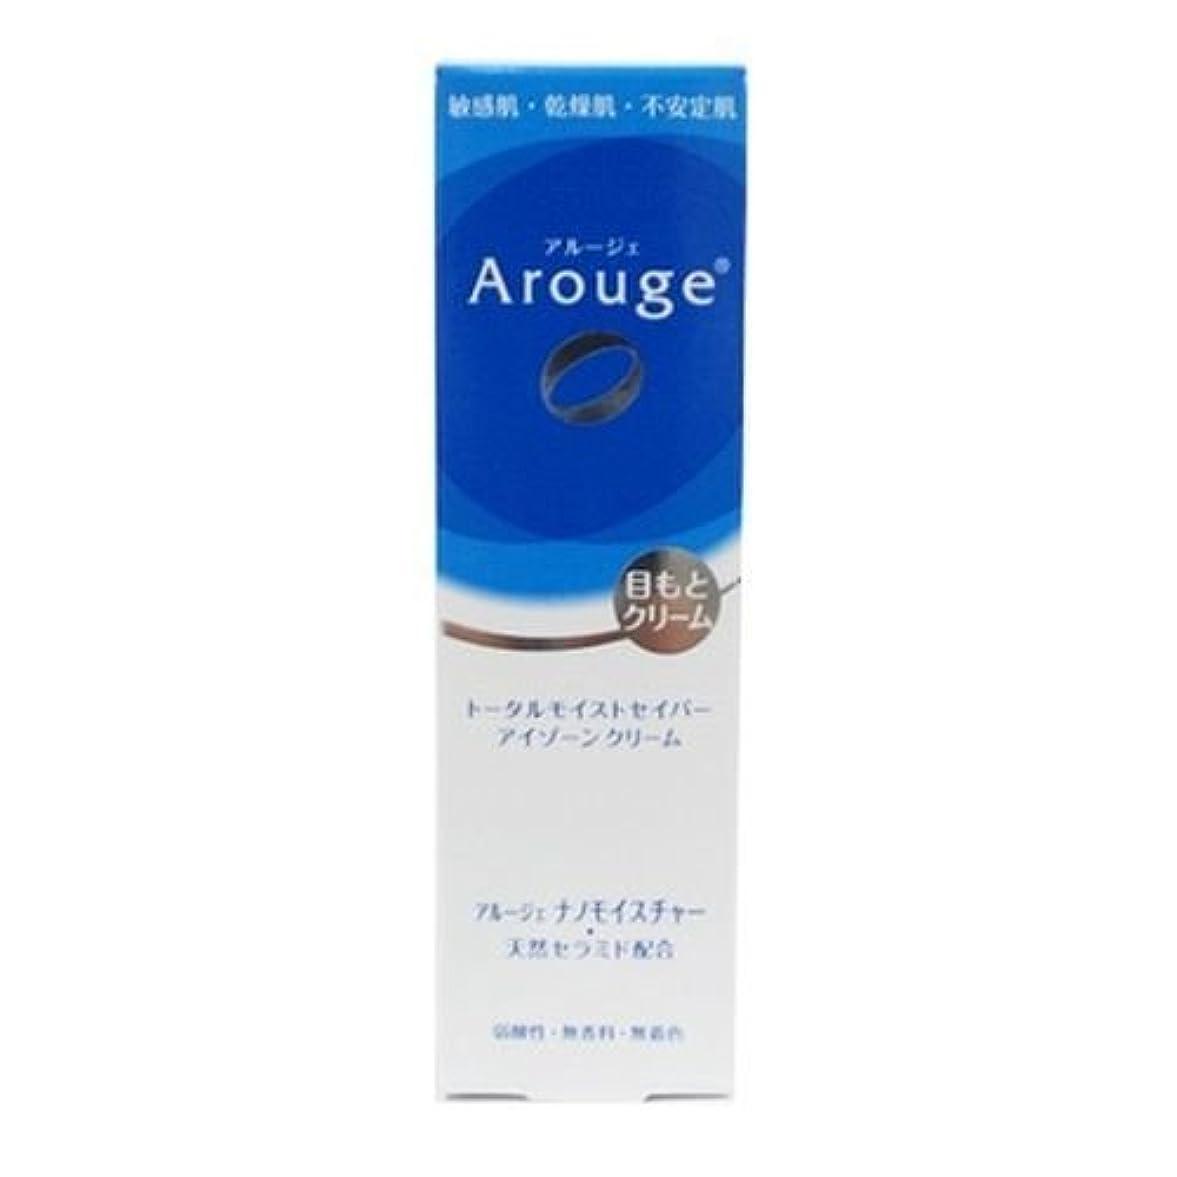 クロール昆虫を見る活力アルージェ(Arouge)トータルモイストセイバー アイゾーンクリーム 15g